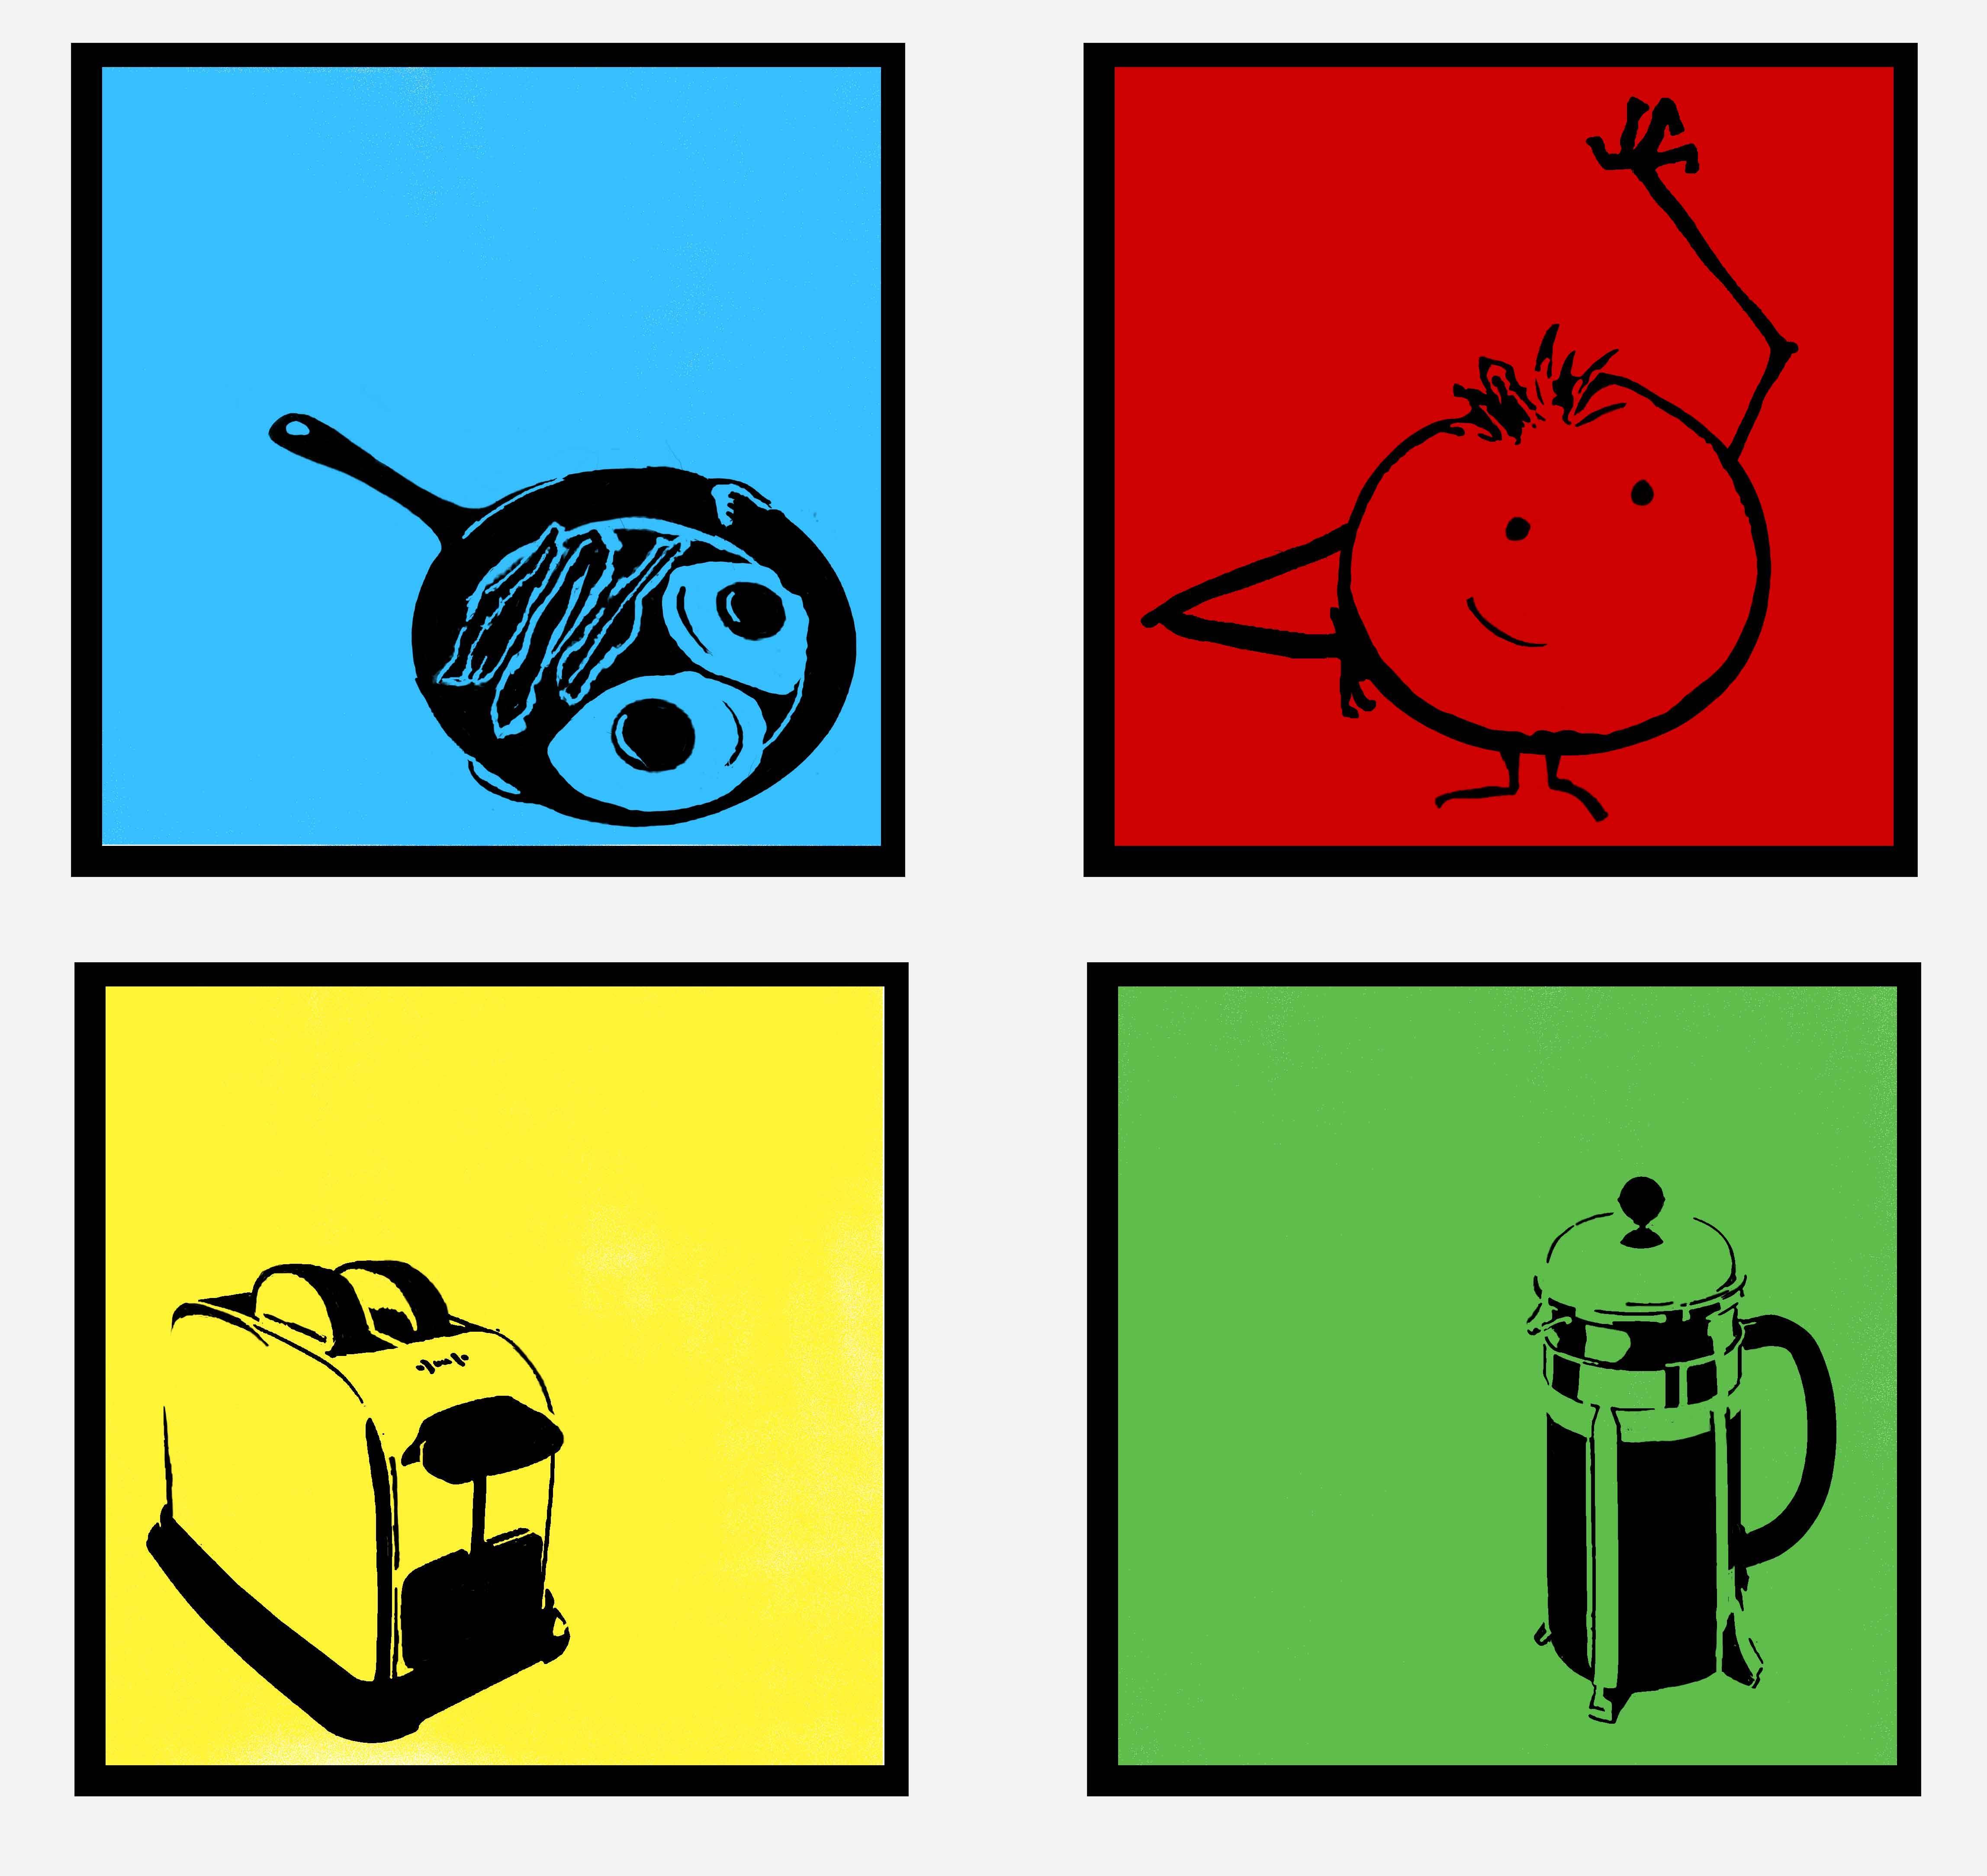 Kitchen Stencil Similiar Kitchen Stencils Keywords